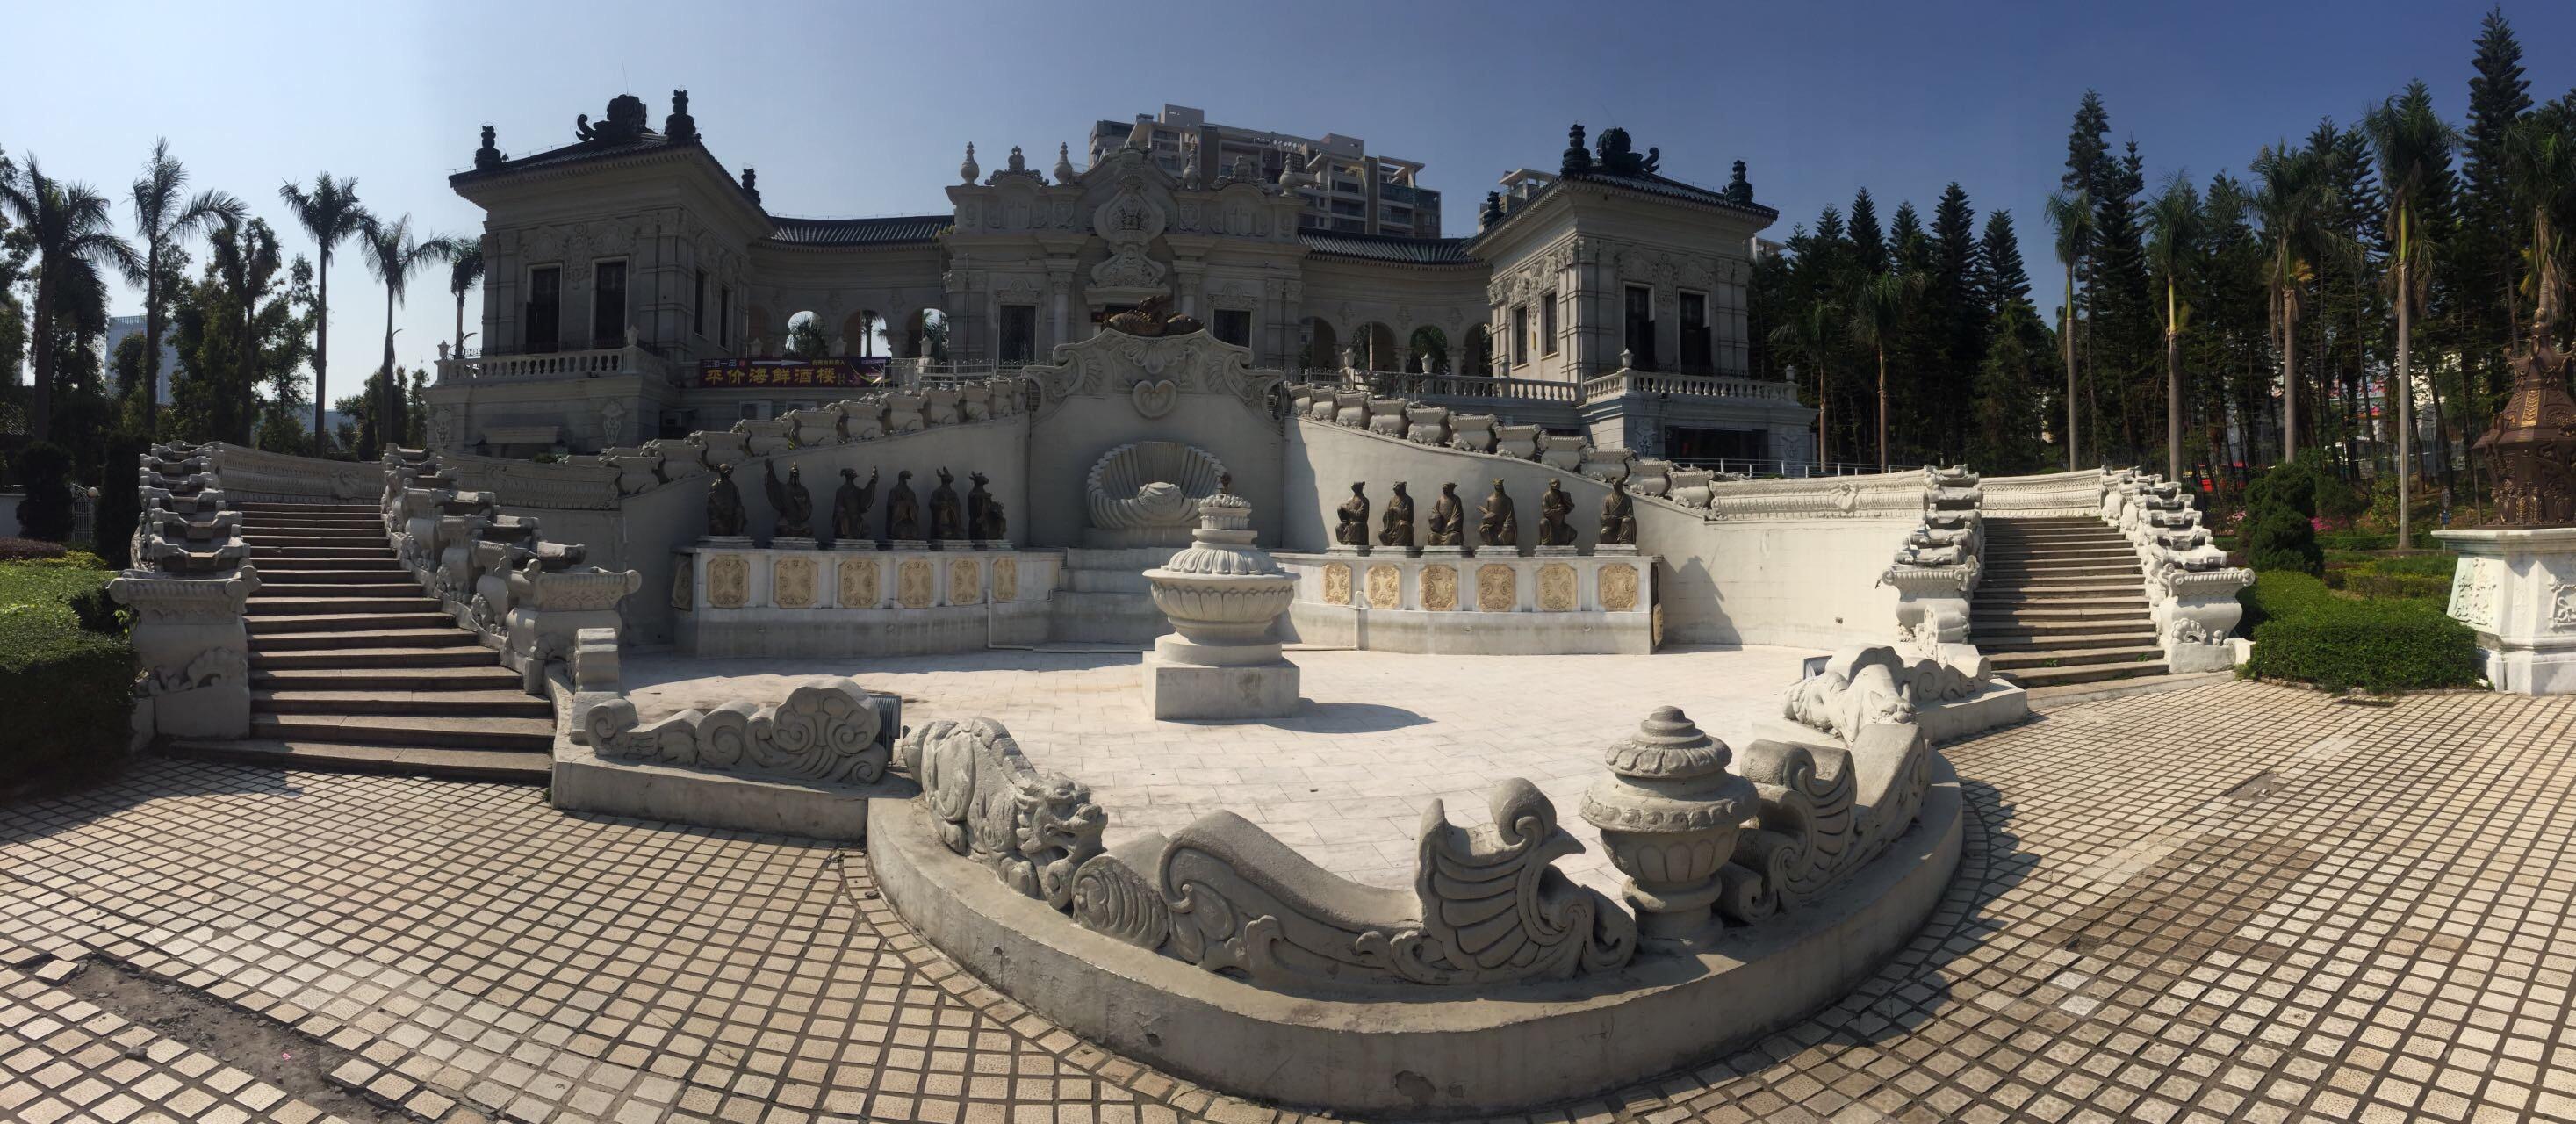 珠海人造景点,是按北京圆明园1:1建造了许多景点,我看到了想要看的